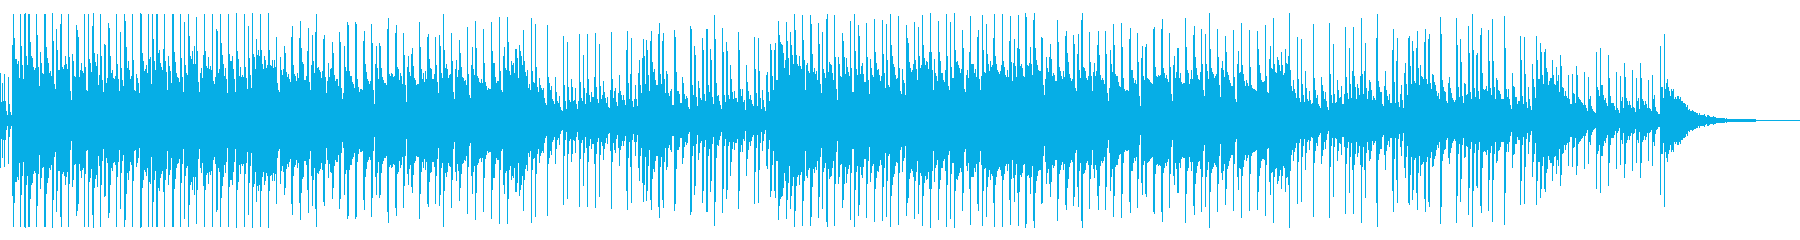 二胡の旋律が印象的なアジア風BGMの再生済みの波形